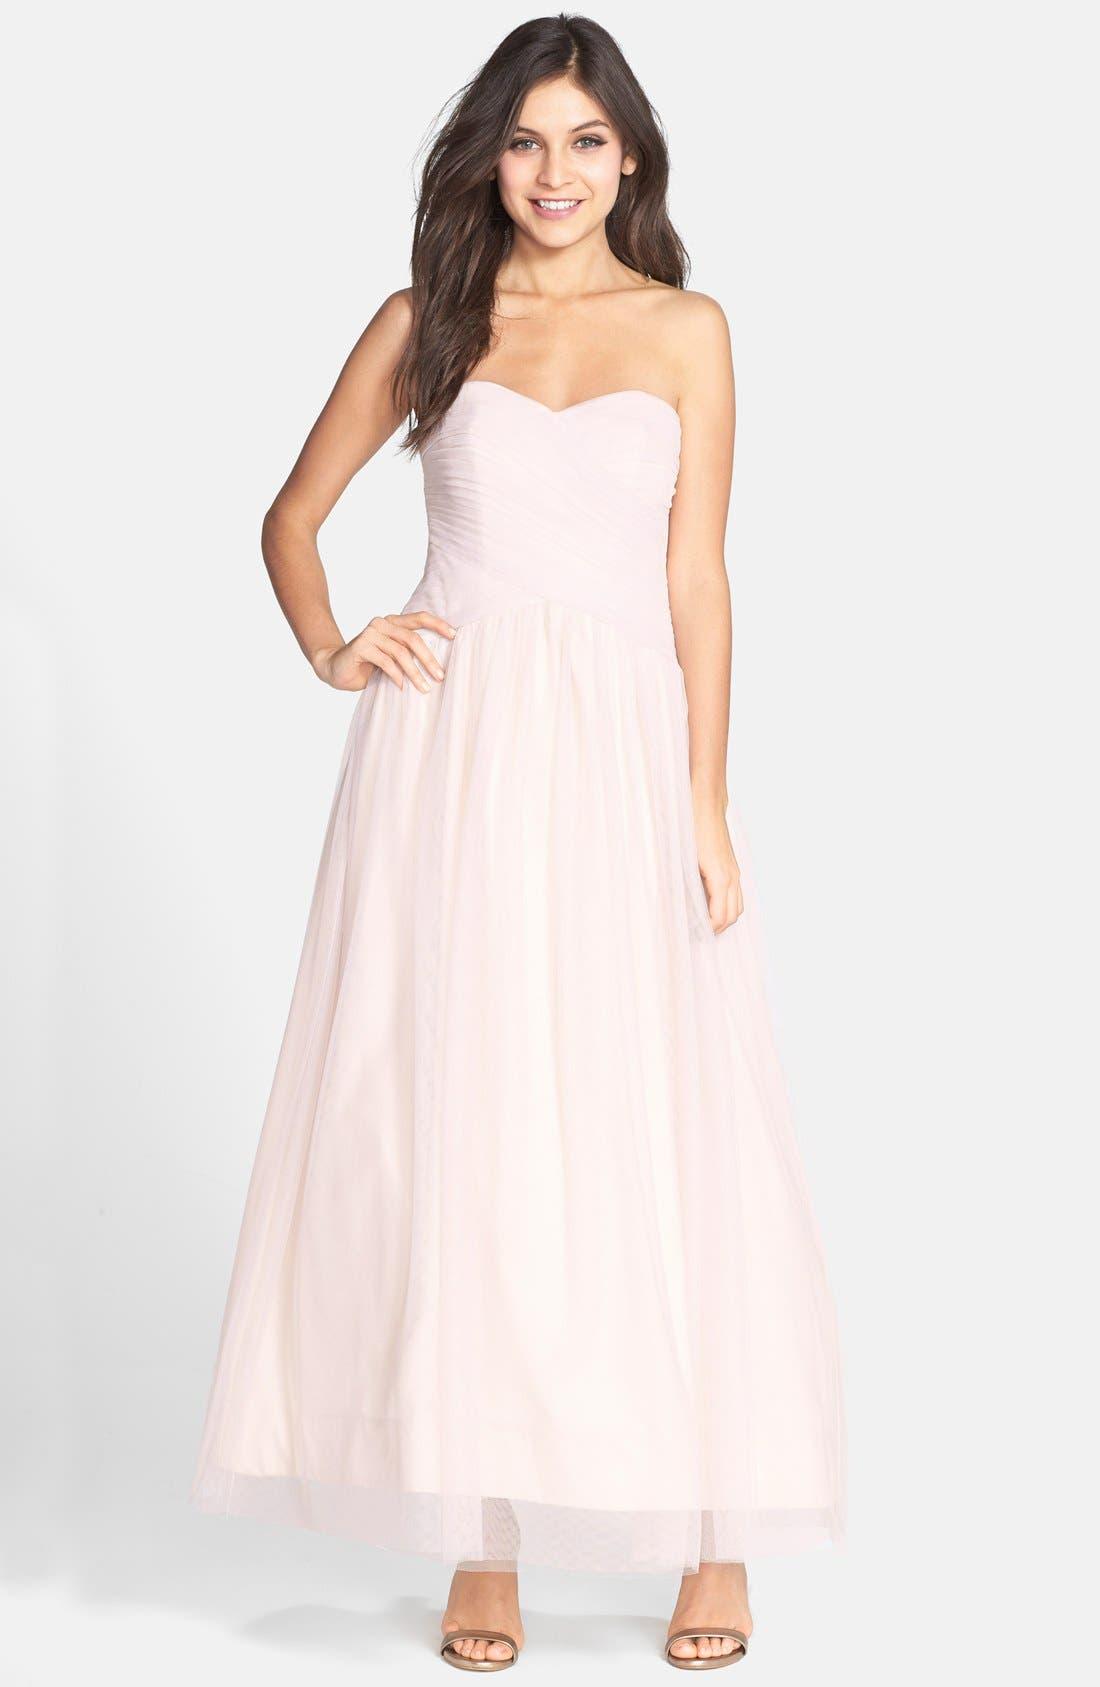 Main Image - Monique Lhuillier Bridesmaids Tulle Tea Length Dress